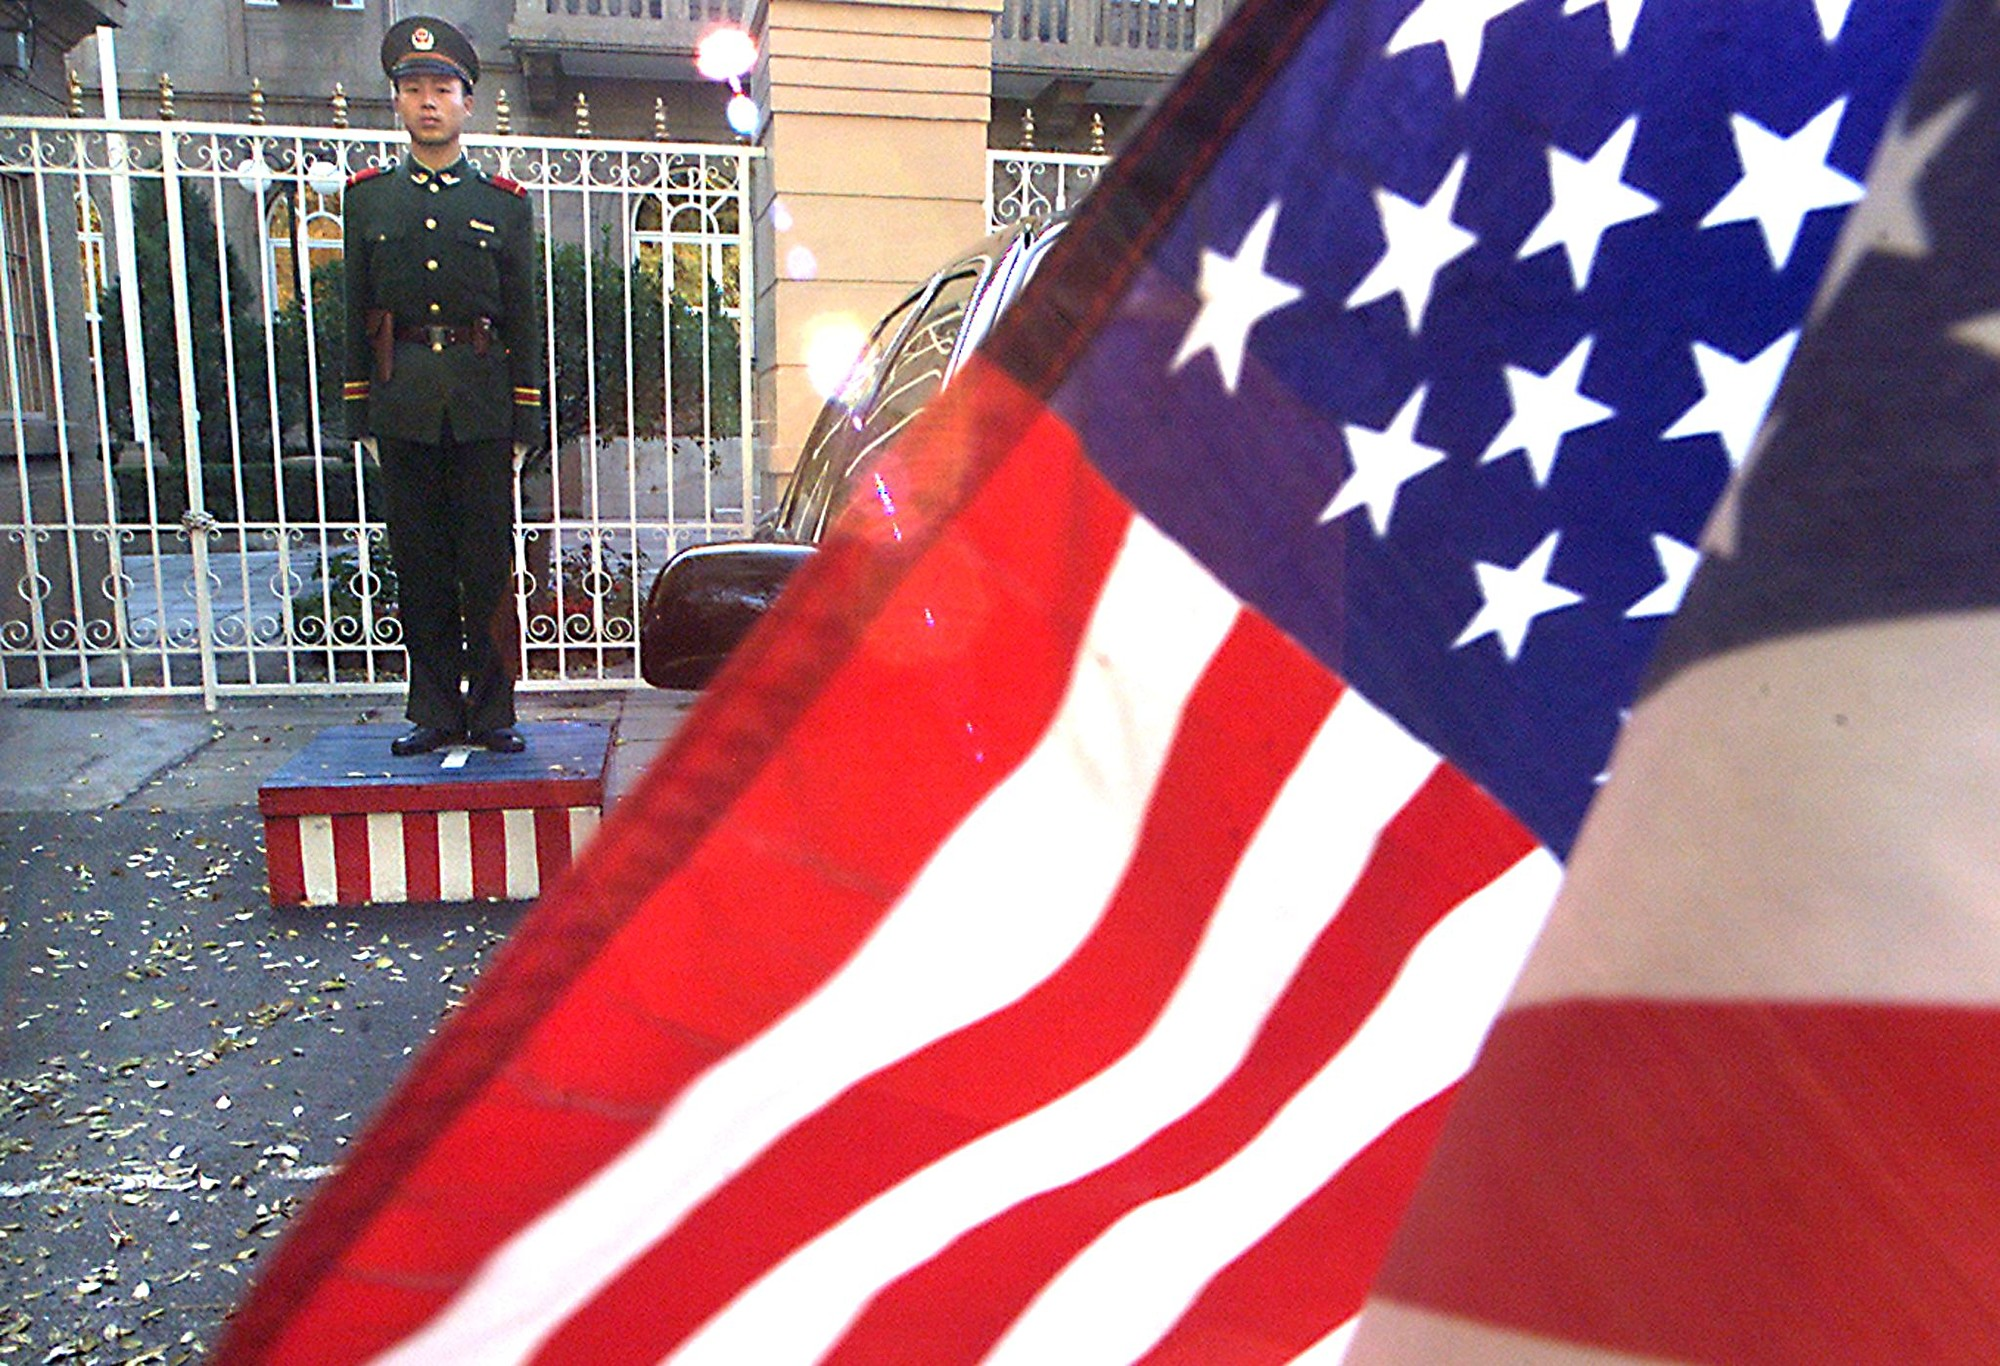 分析:北京瞞疫和無能 助美國鷹派加緊反共